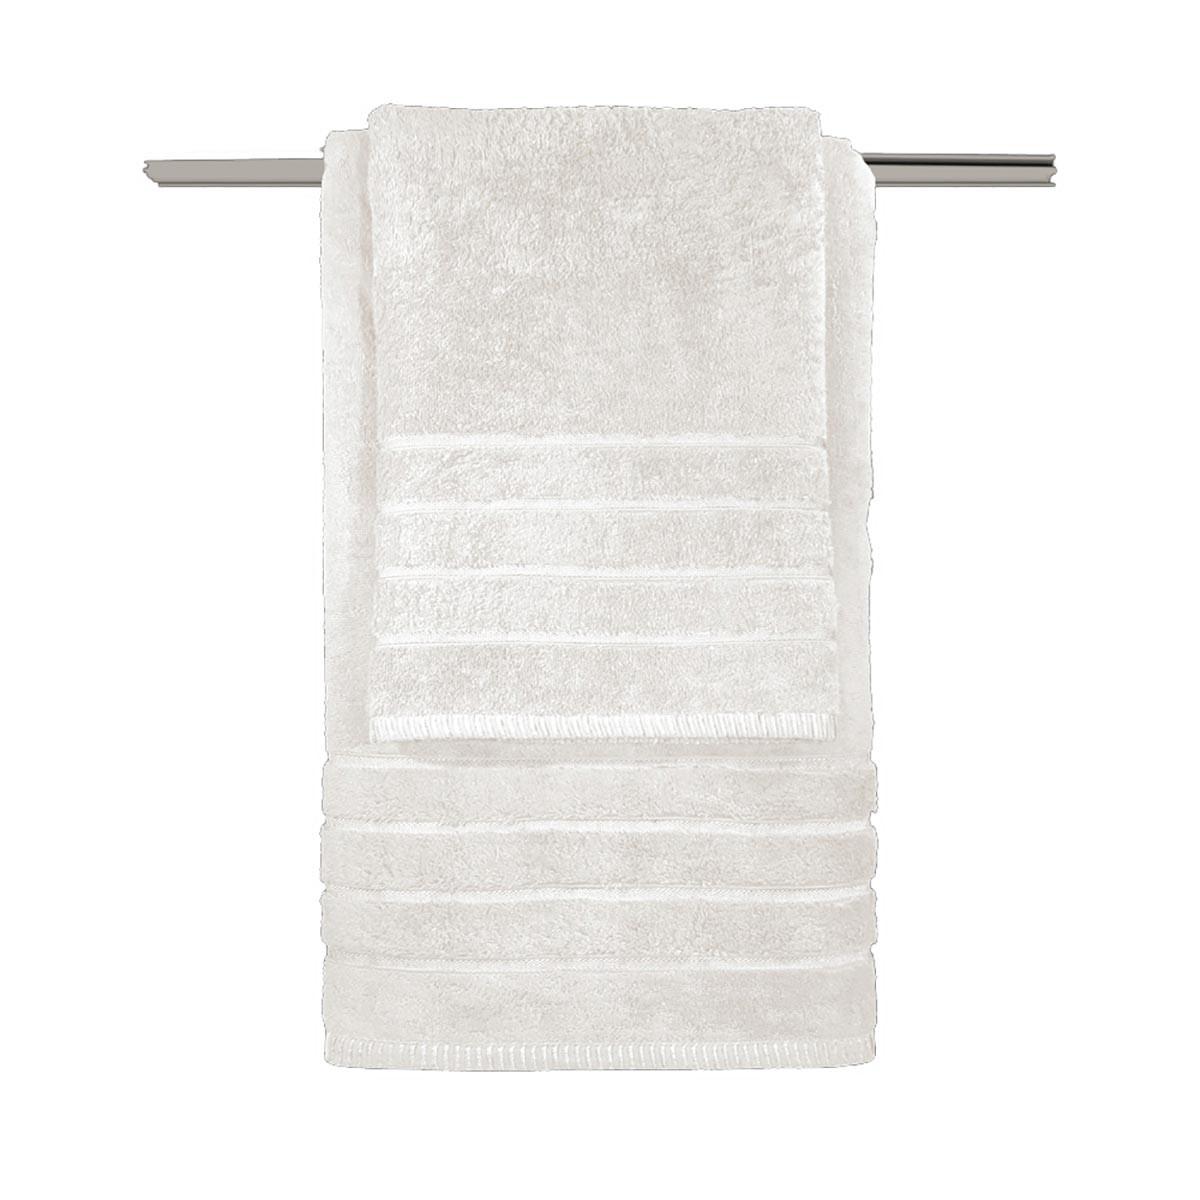 Πετσέτες Μπάνιου (Σετ 3τμχ) Guy Laroche Metzo Cream